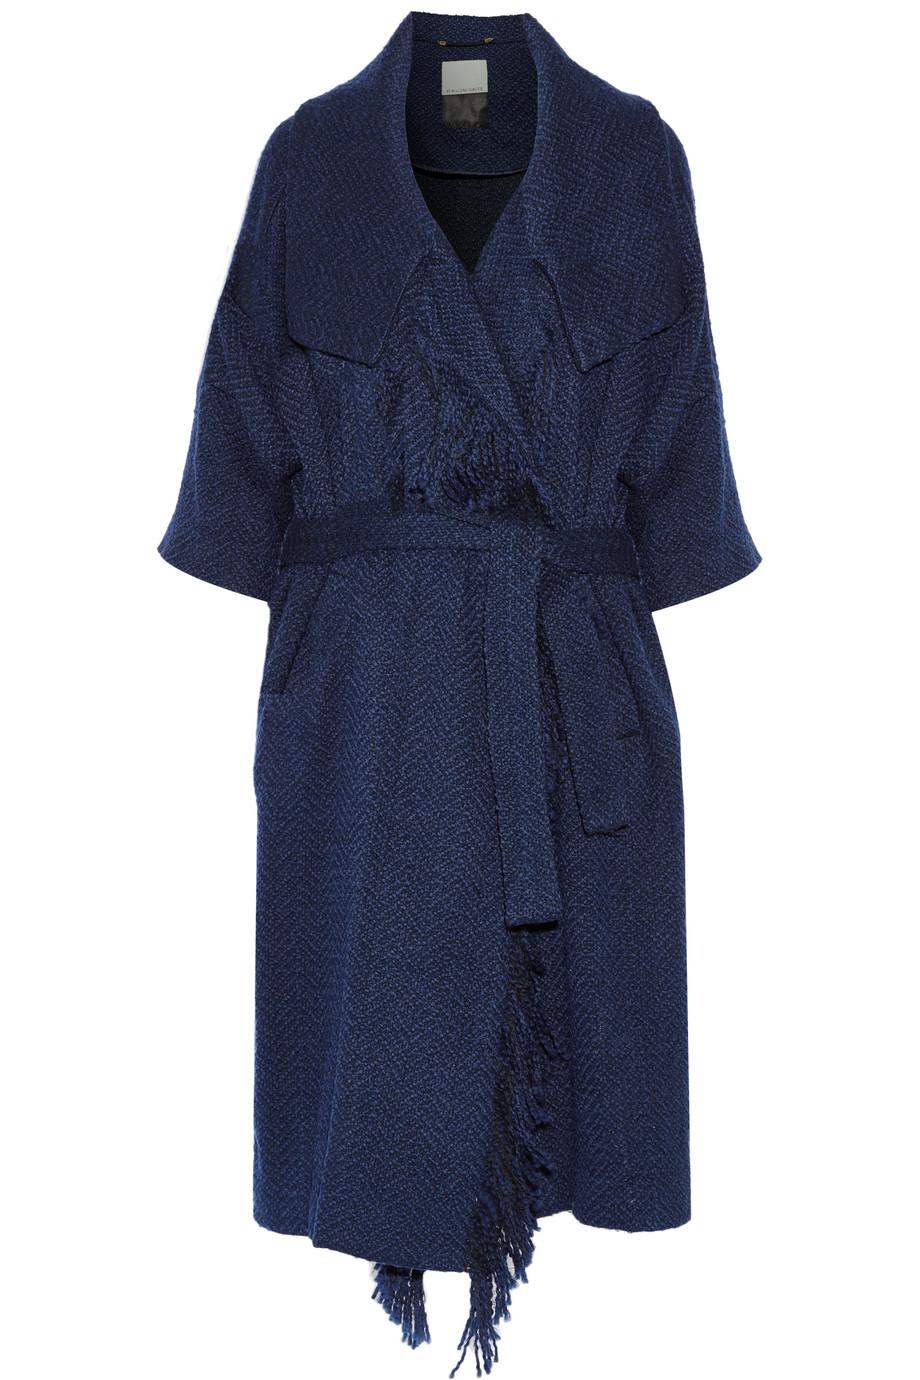 Wittie Fringed Bouclé Coat, By Malene Birger, Navy, Women's, Size: XS